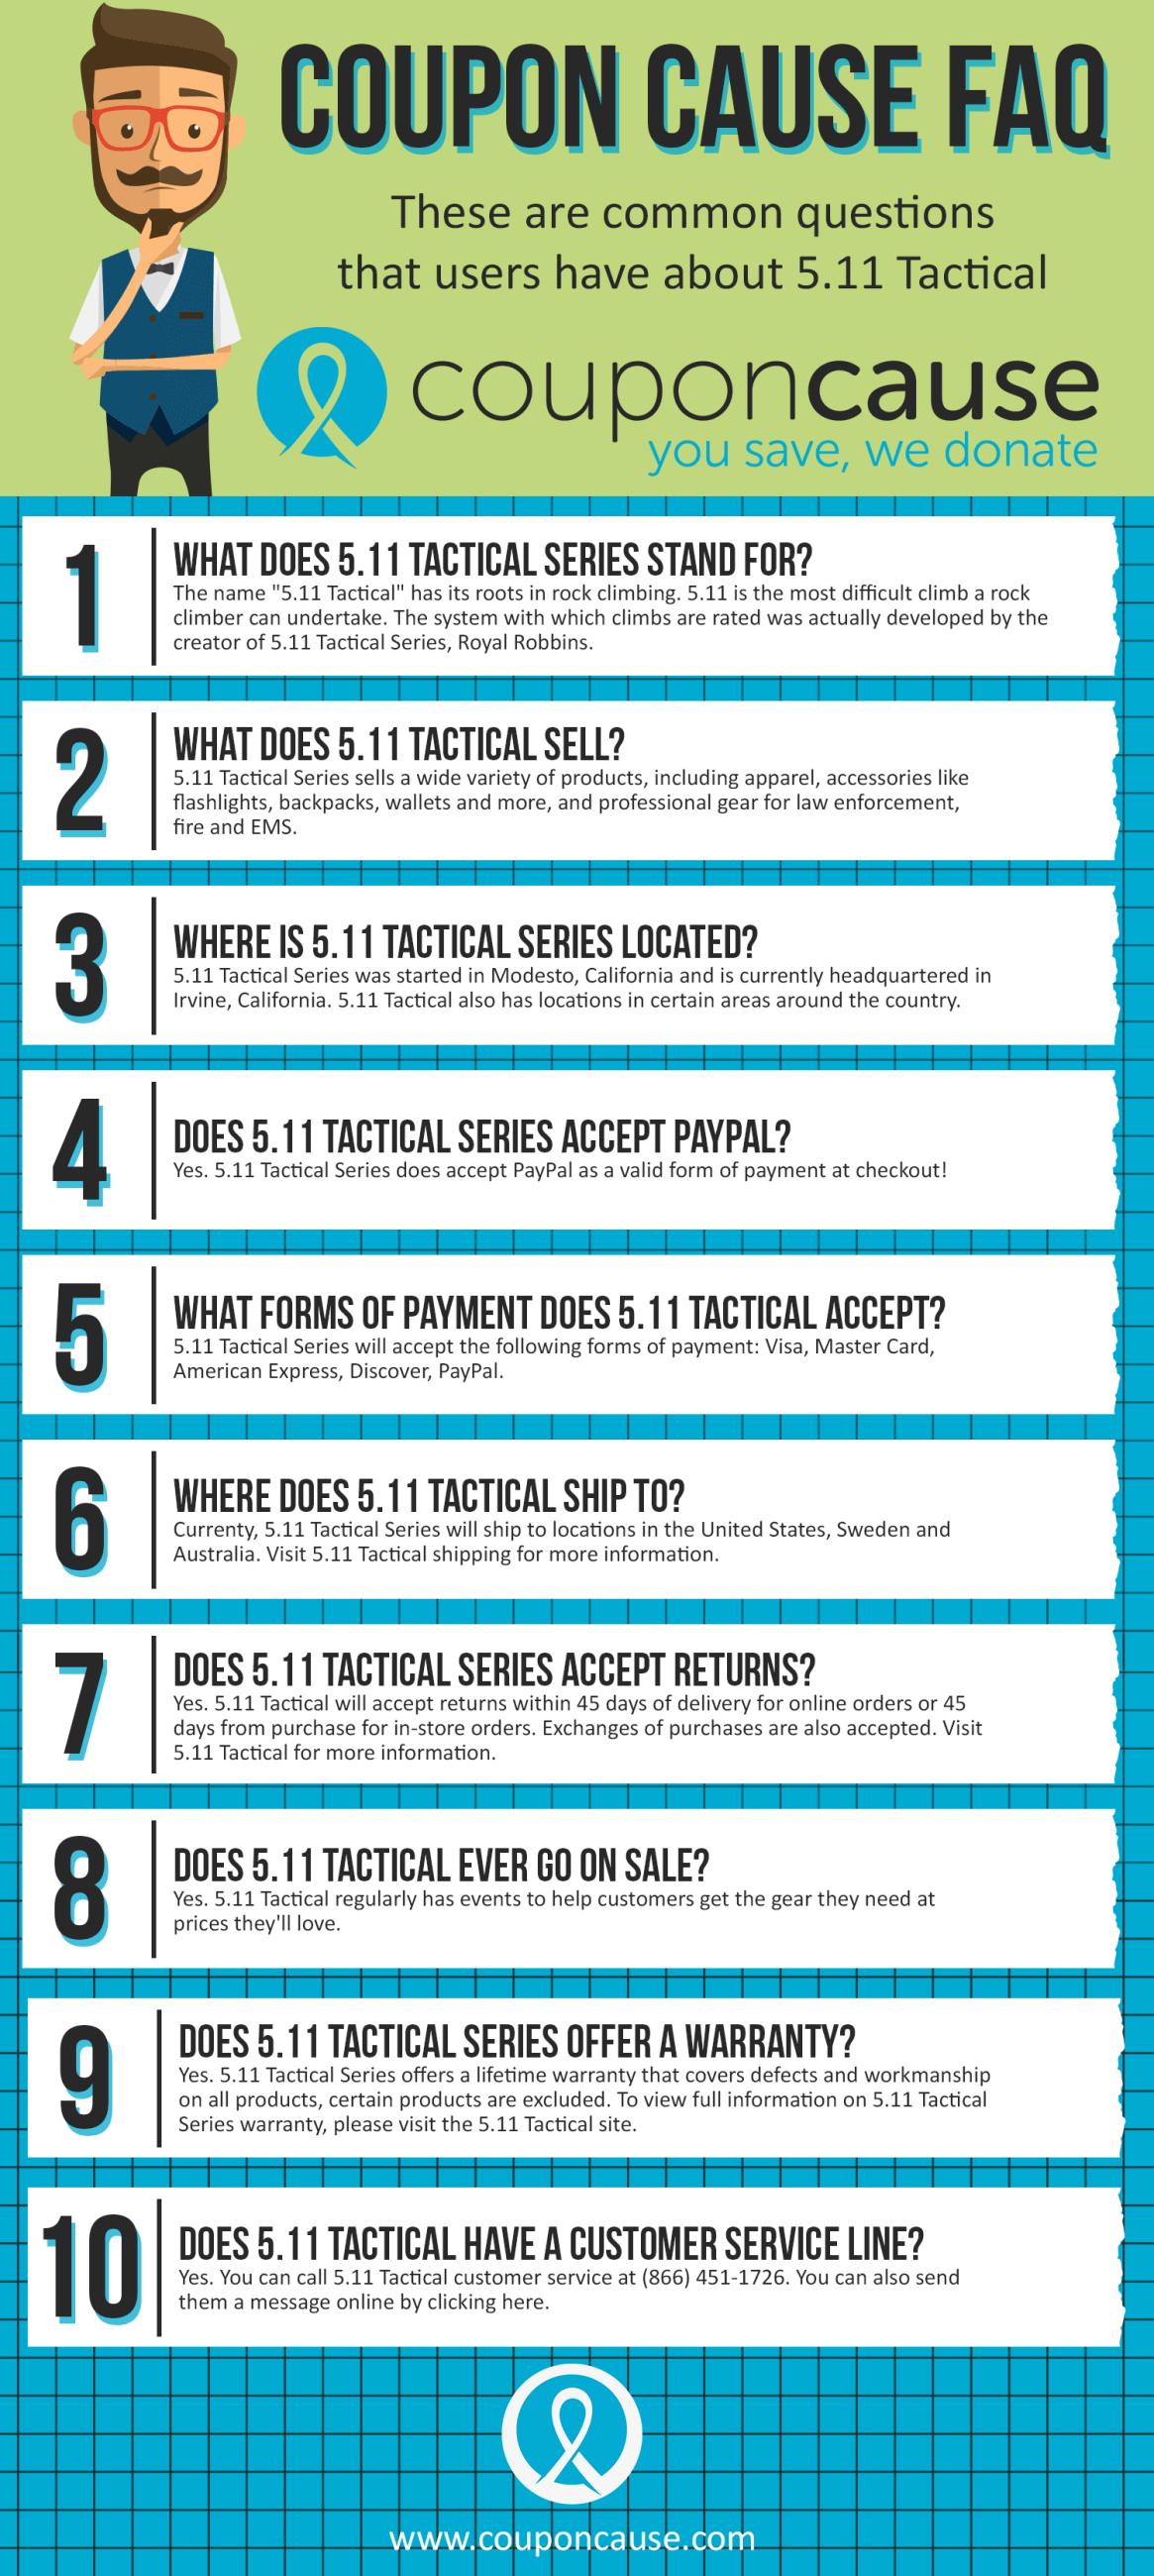 5.11Tactical Coupon Cause FAQ (C.C. FAQ)